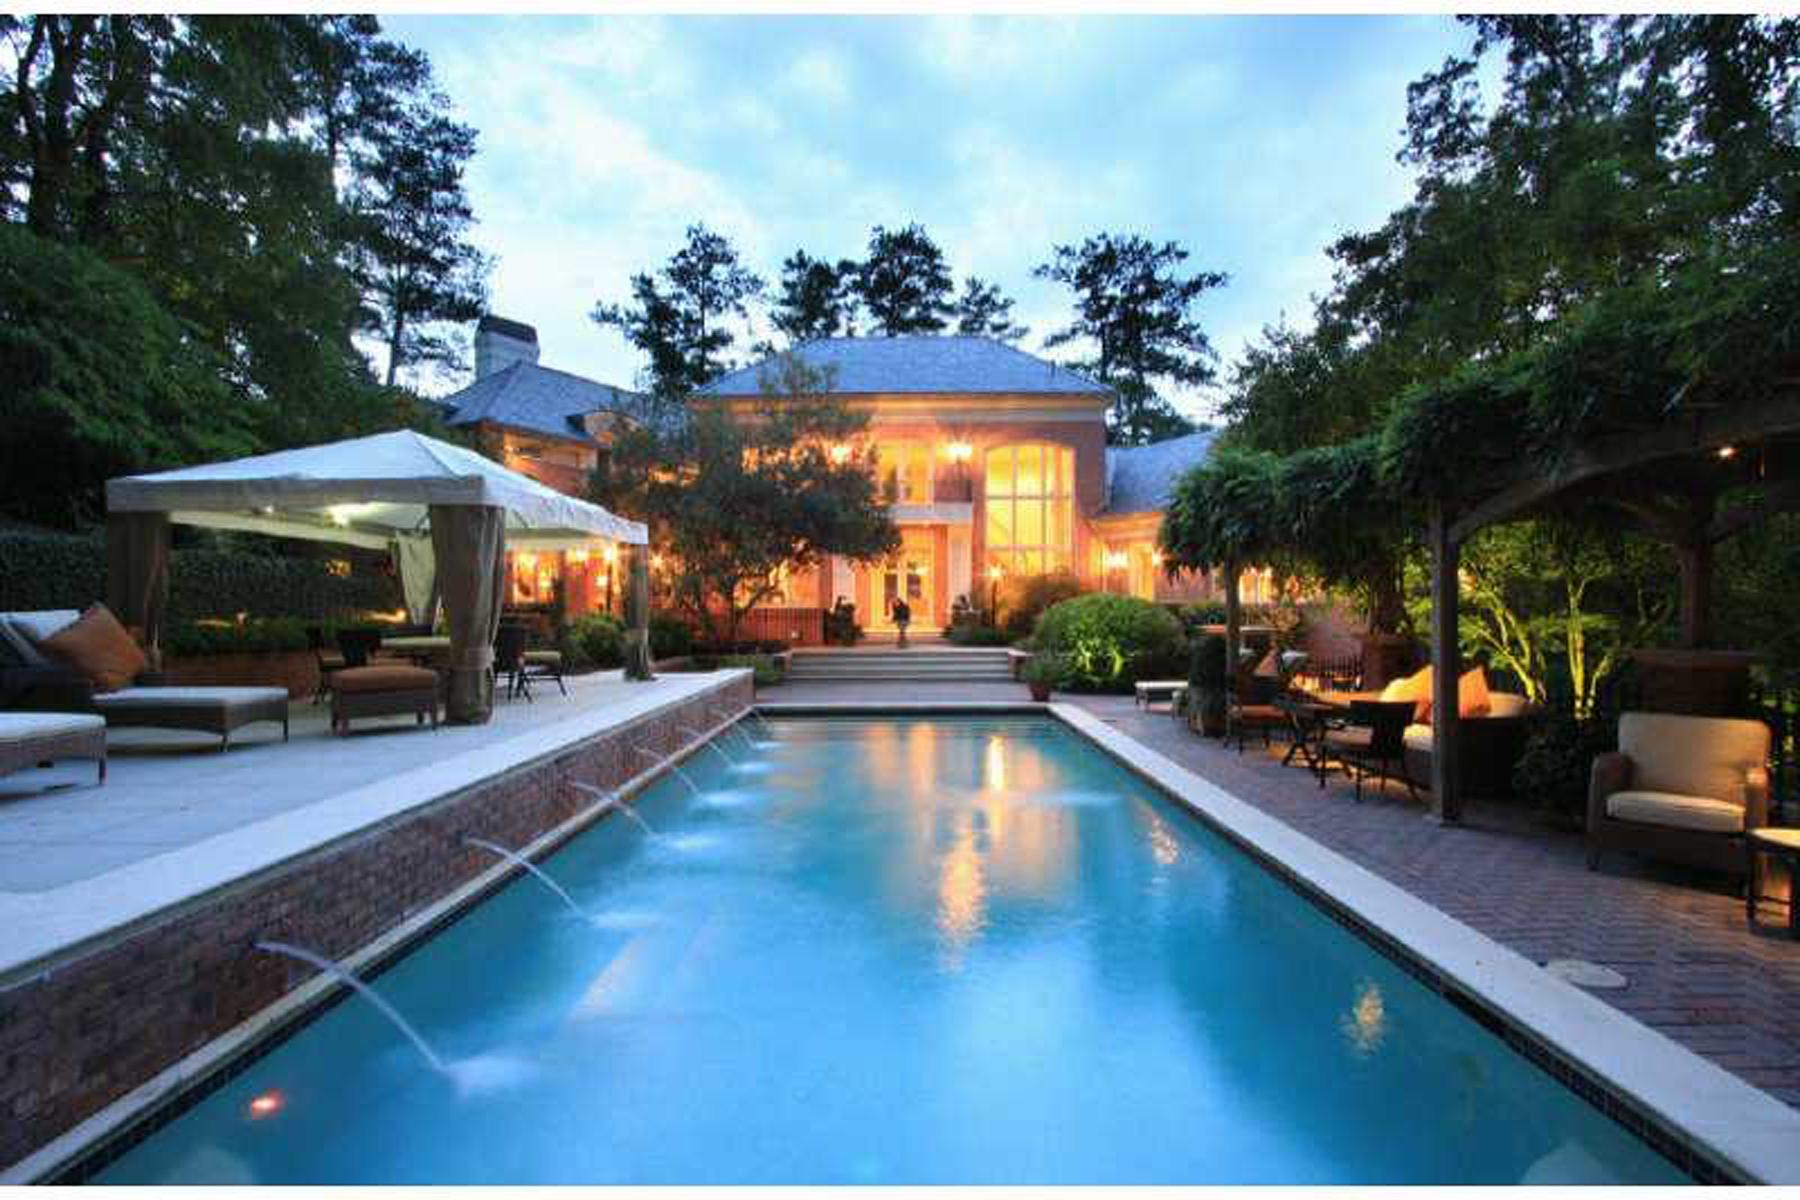 独户住宅 为 销售 在 Sophisticated Elegance 997 Davis Drive Sandy Springs, 亚特兰大, 乔治亚州, 30327 美国